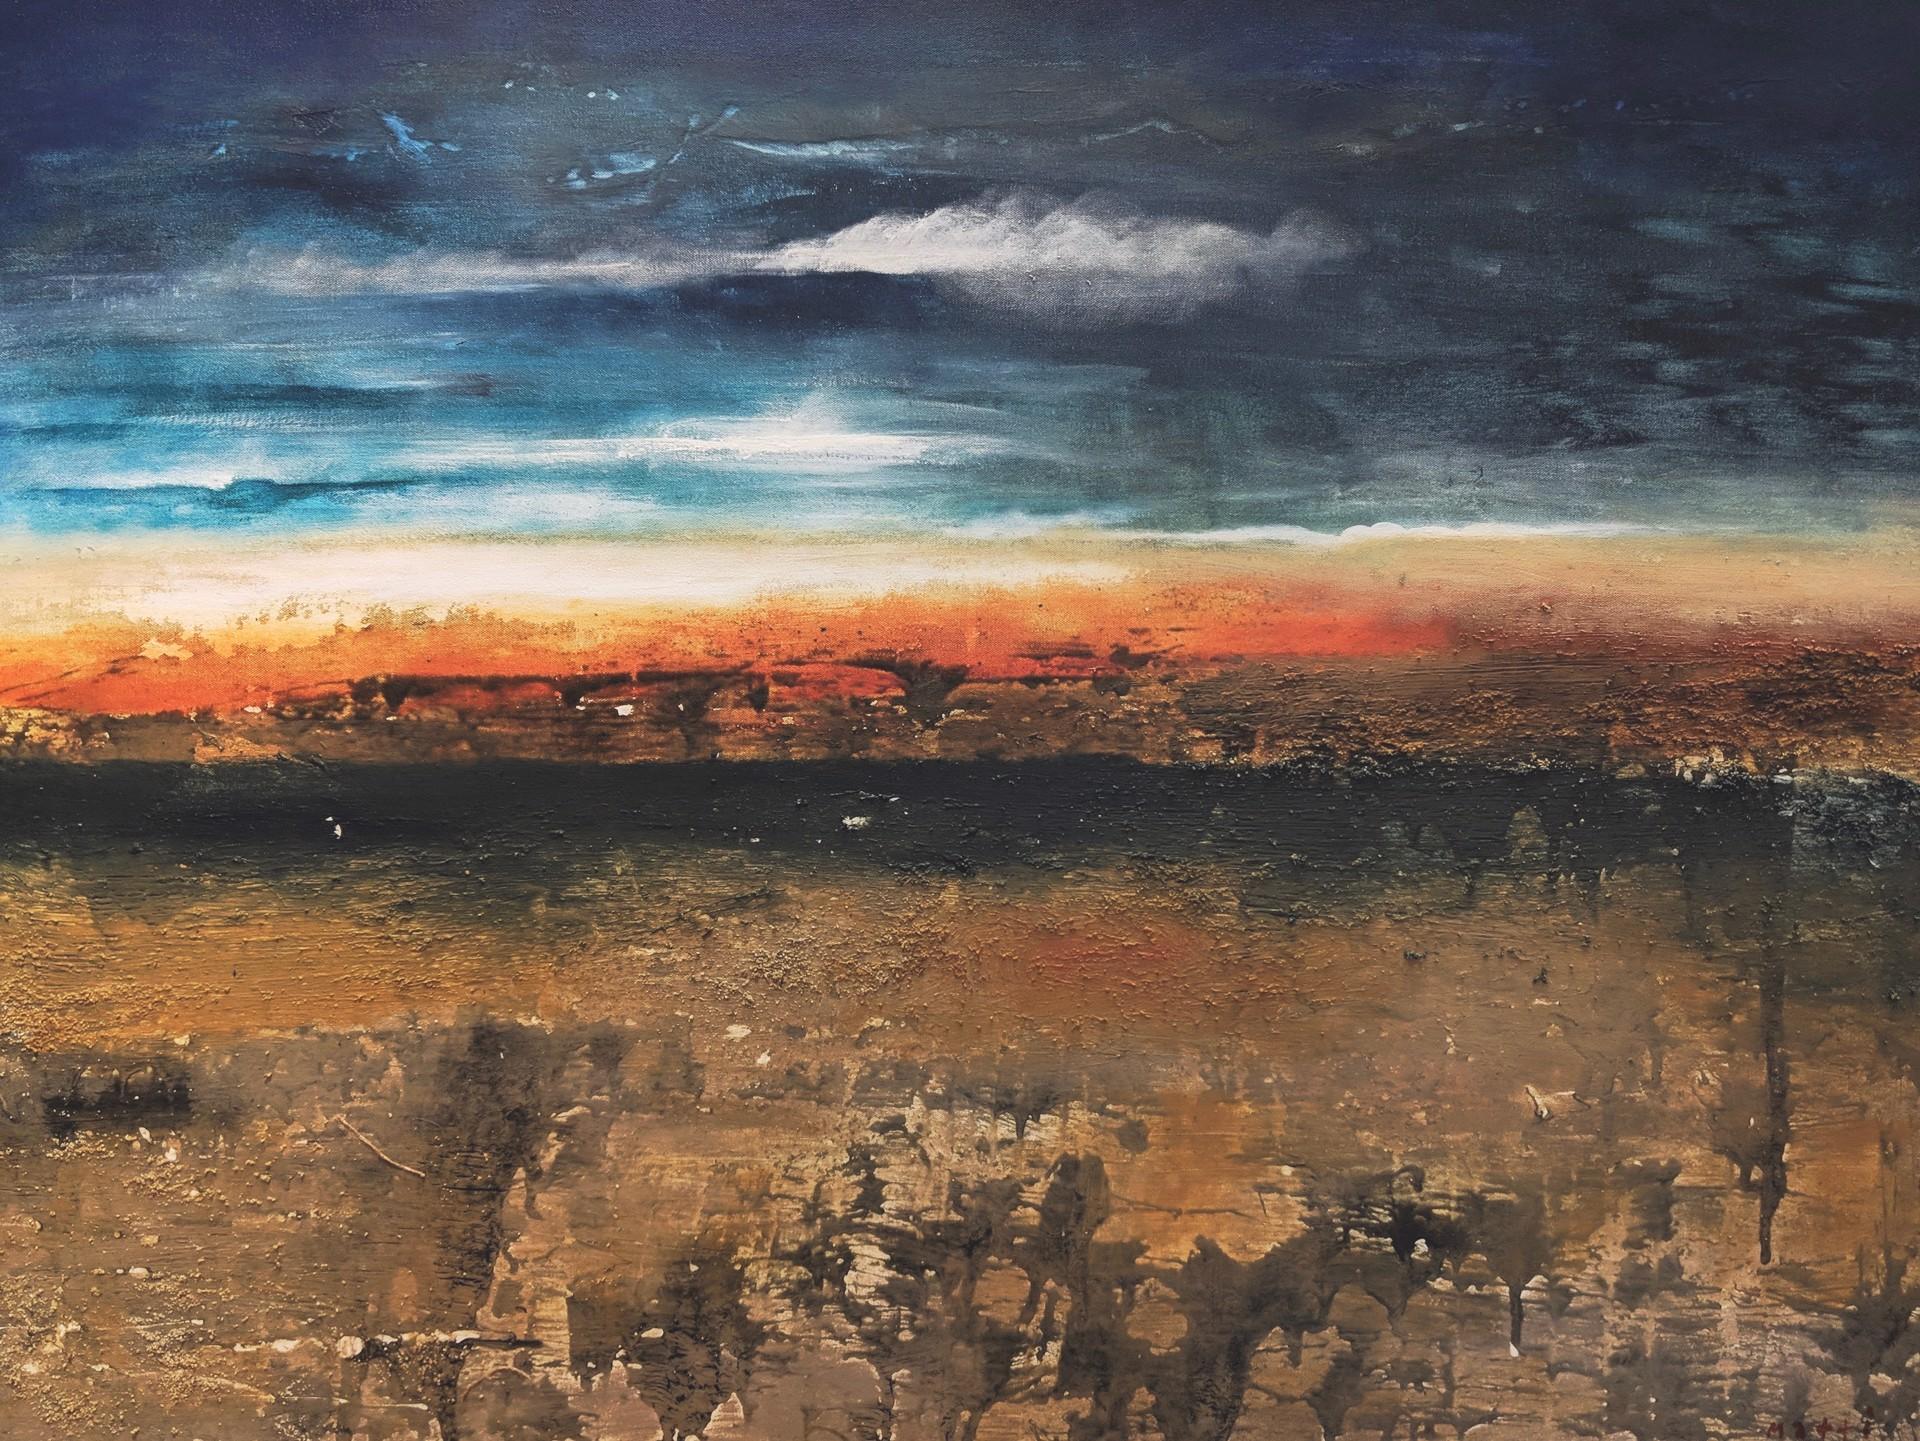 Distant Sands by Matti Freeman